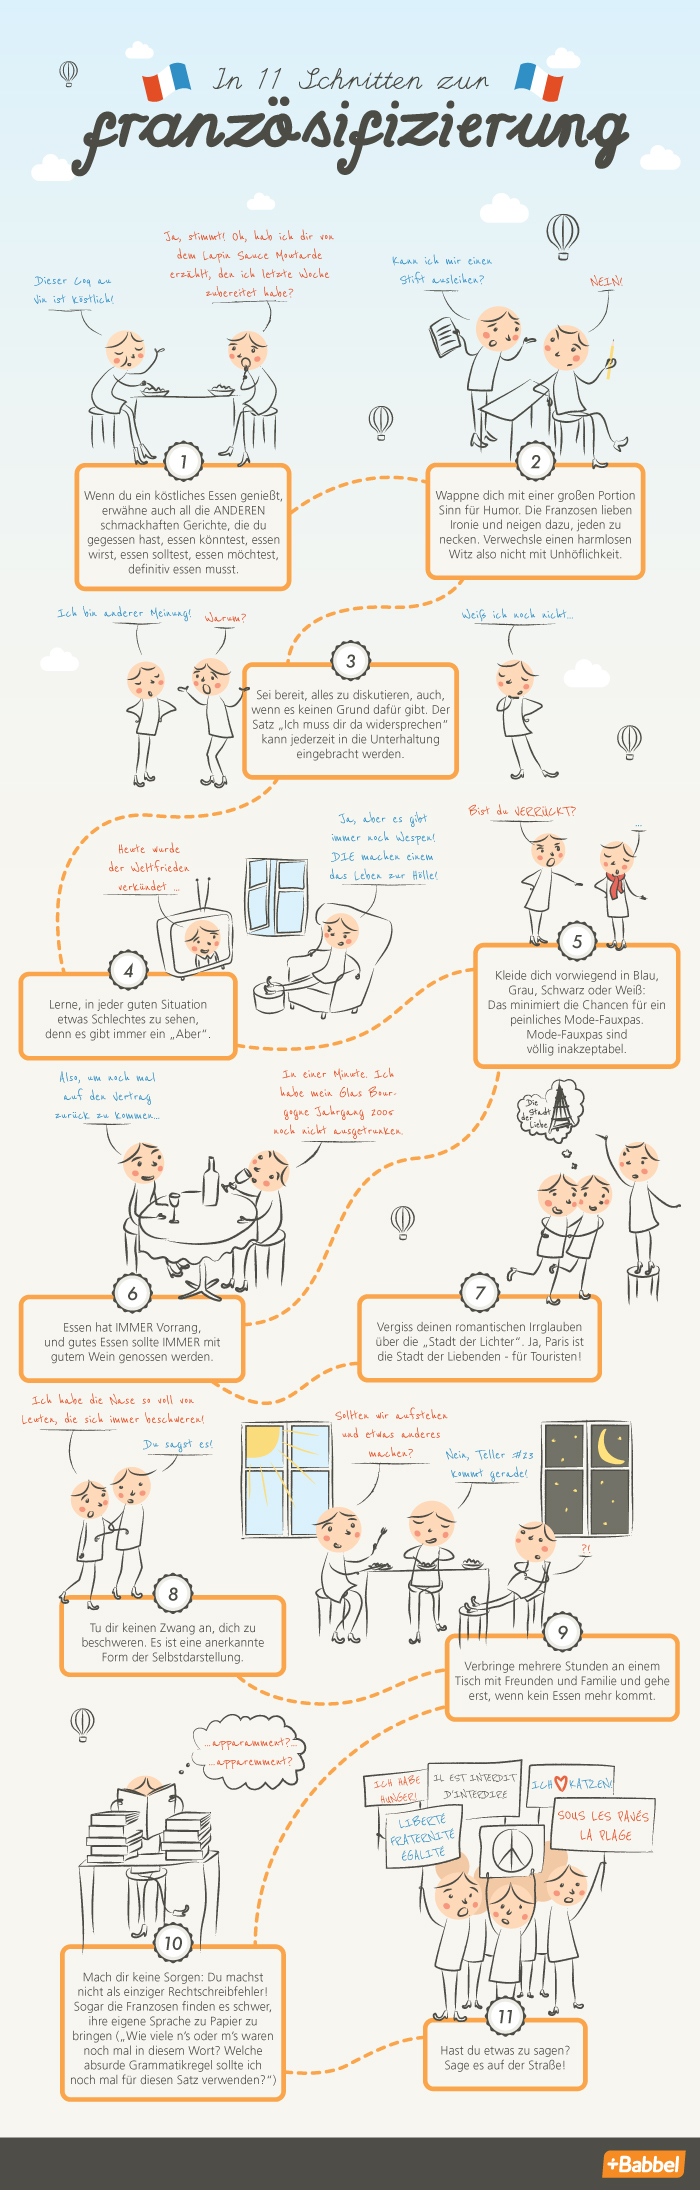 In 11 Schritten zur Französifizierung